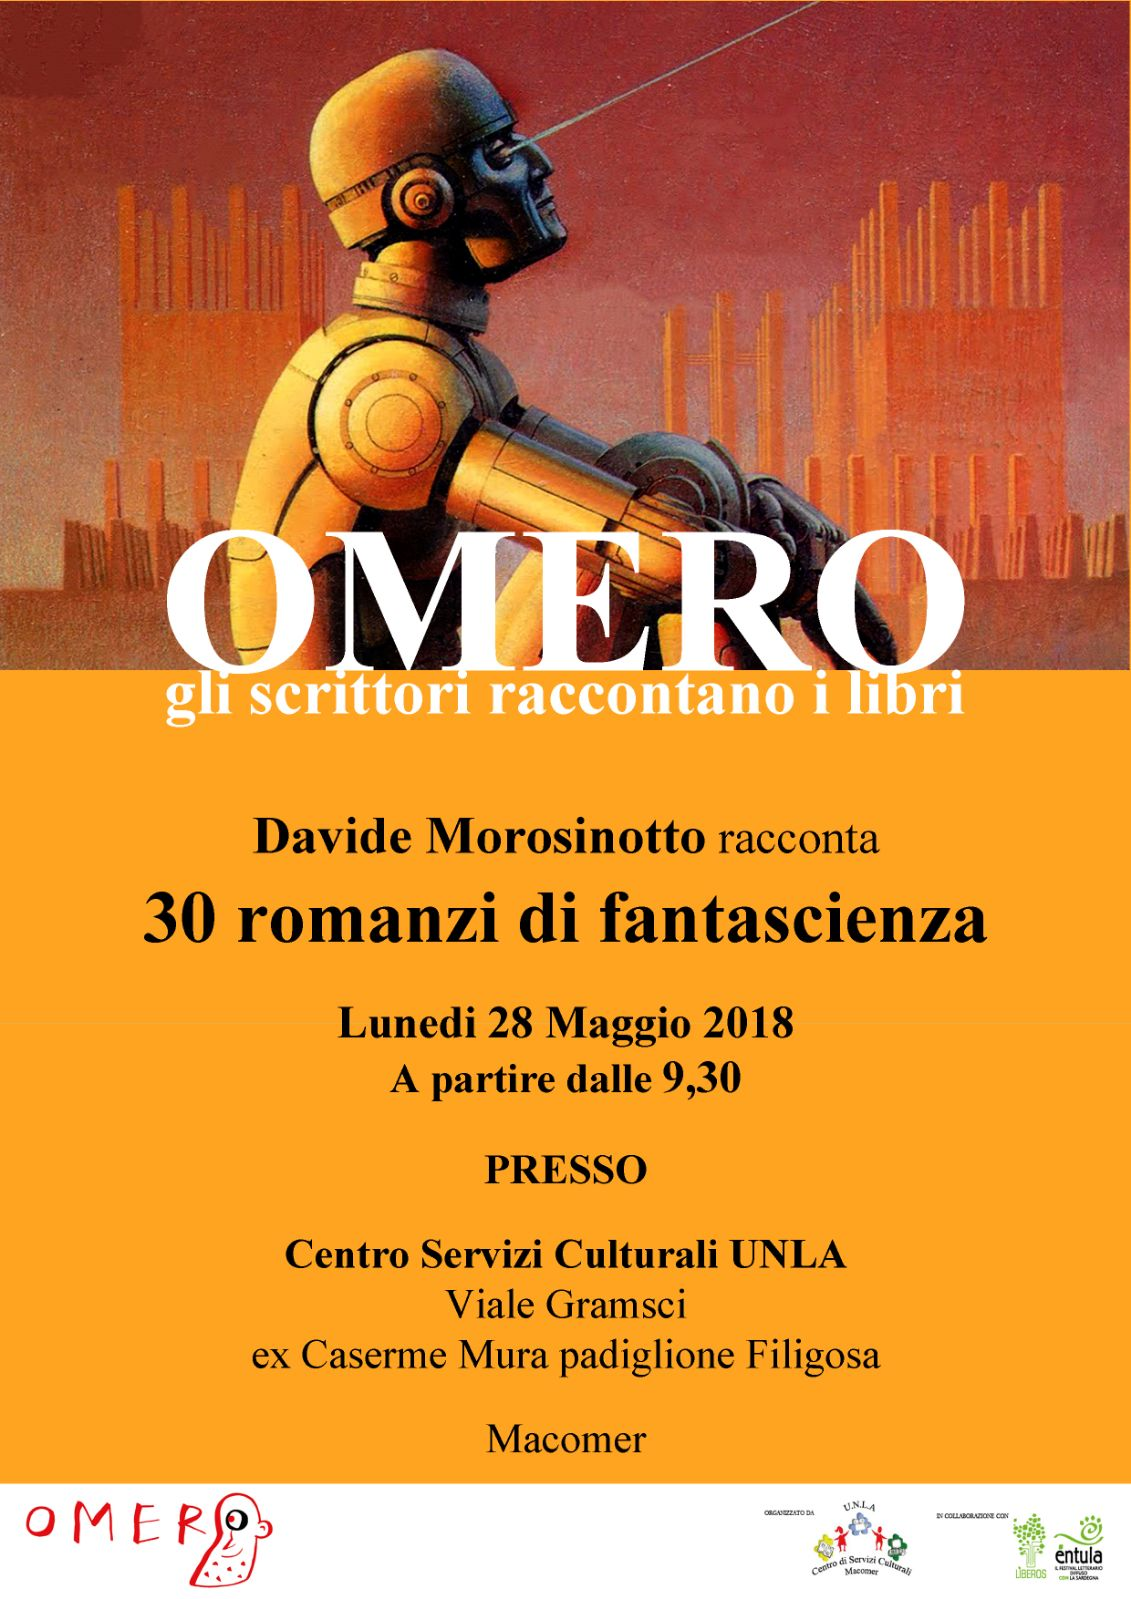 DAVIDE MOROSINOTTO racconta 30 Romanzi di fantascienza. Lunedì 28 Maggio a partire dalle 9:30